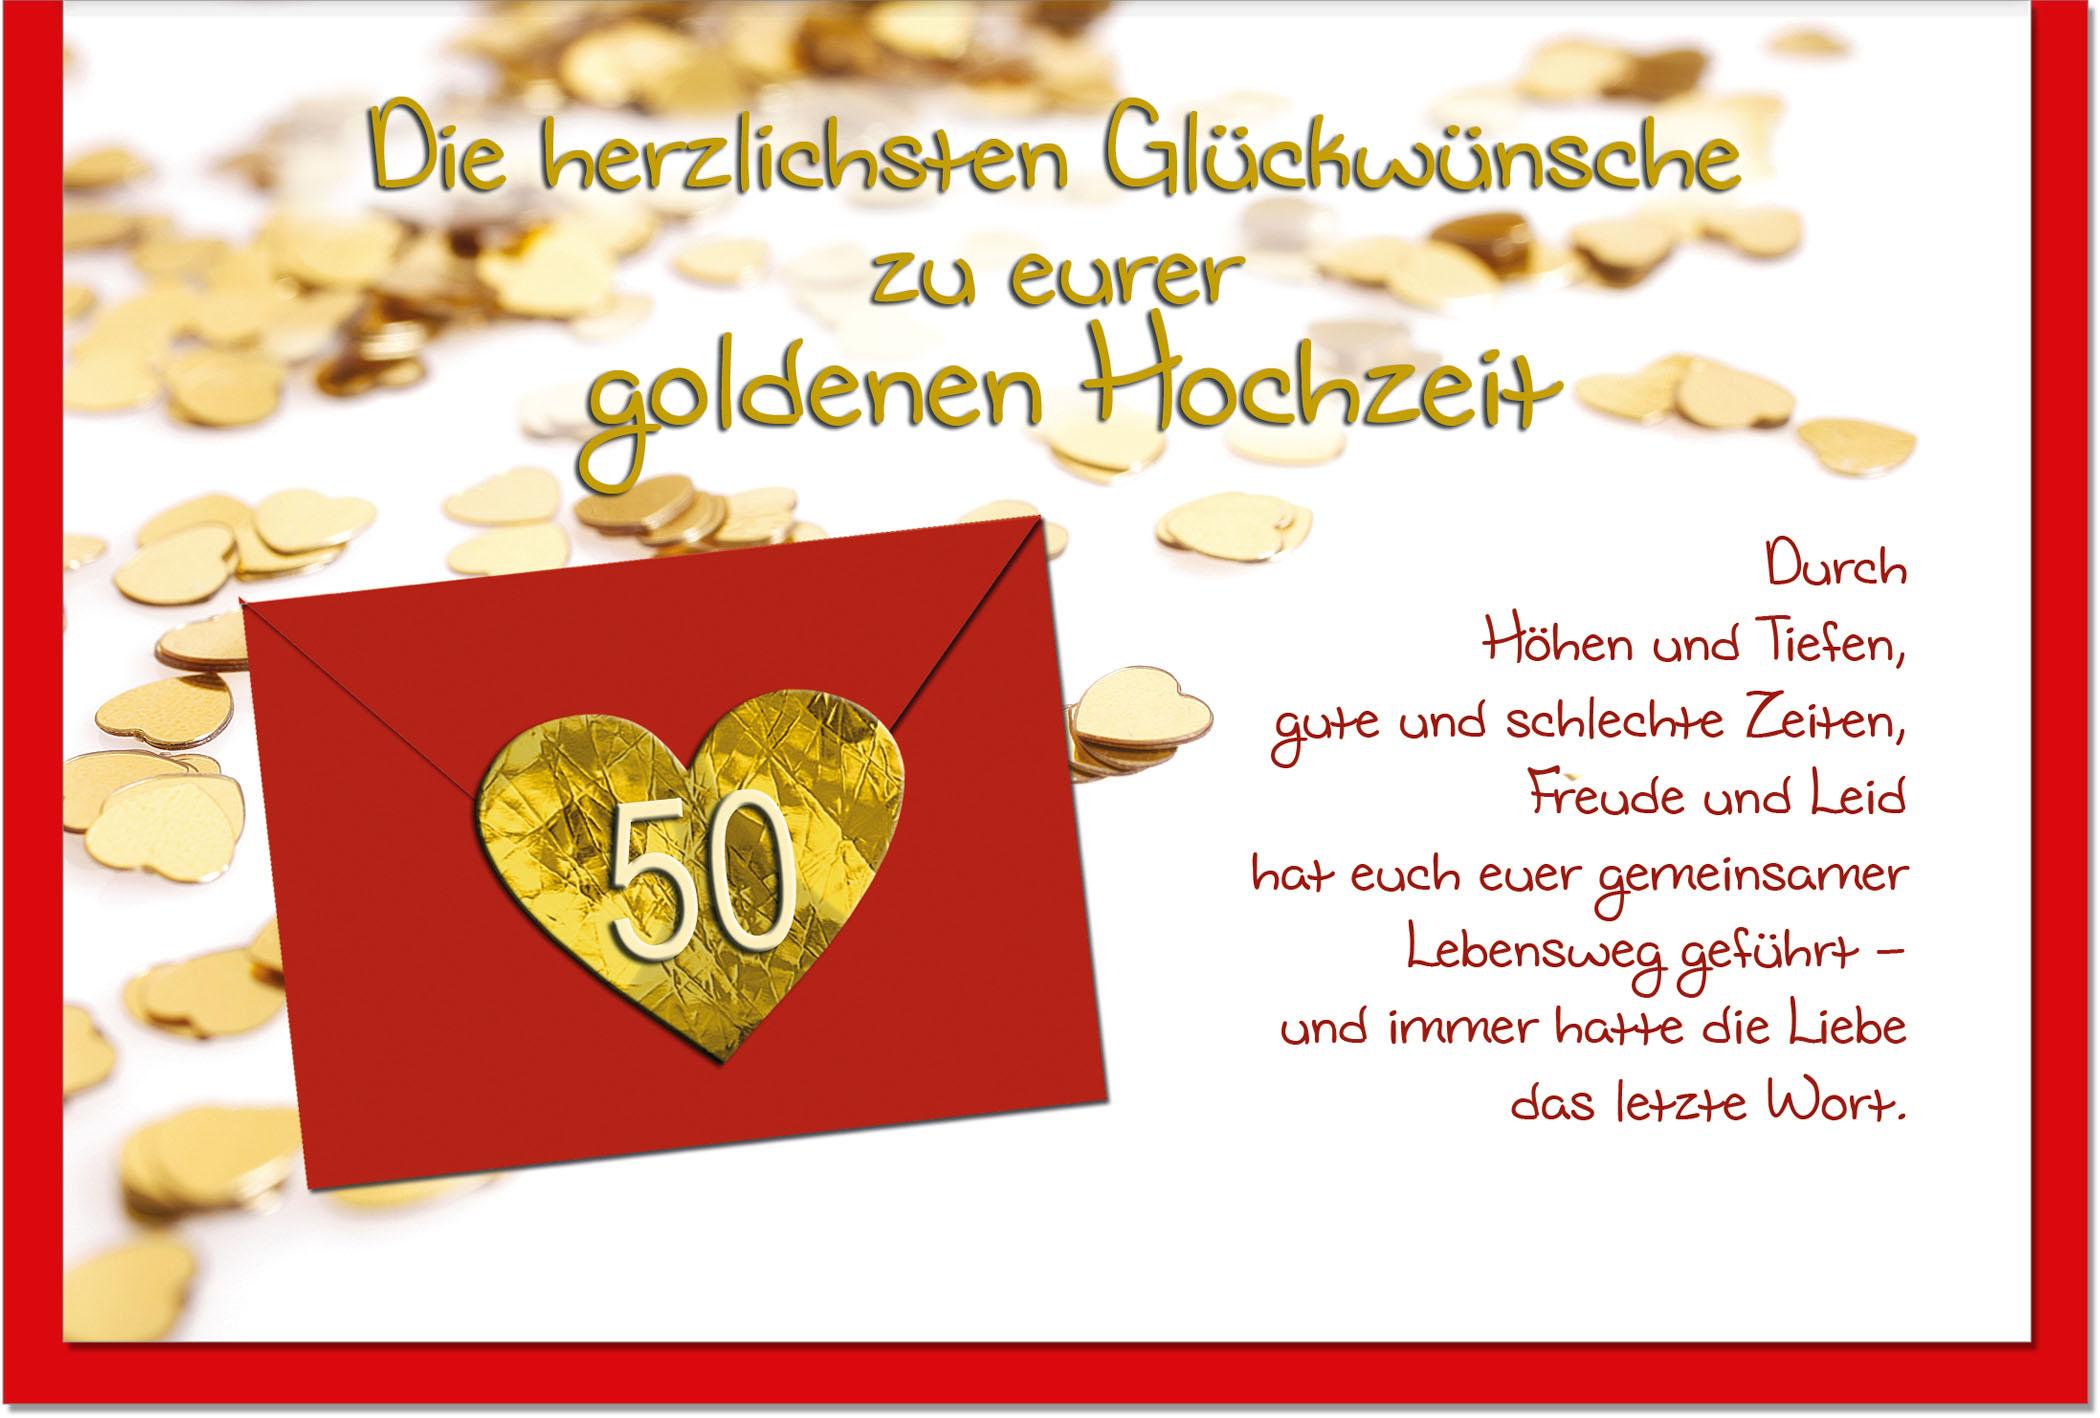 Geschenk zur goldenen hochzeit karte